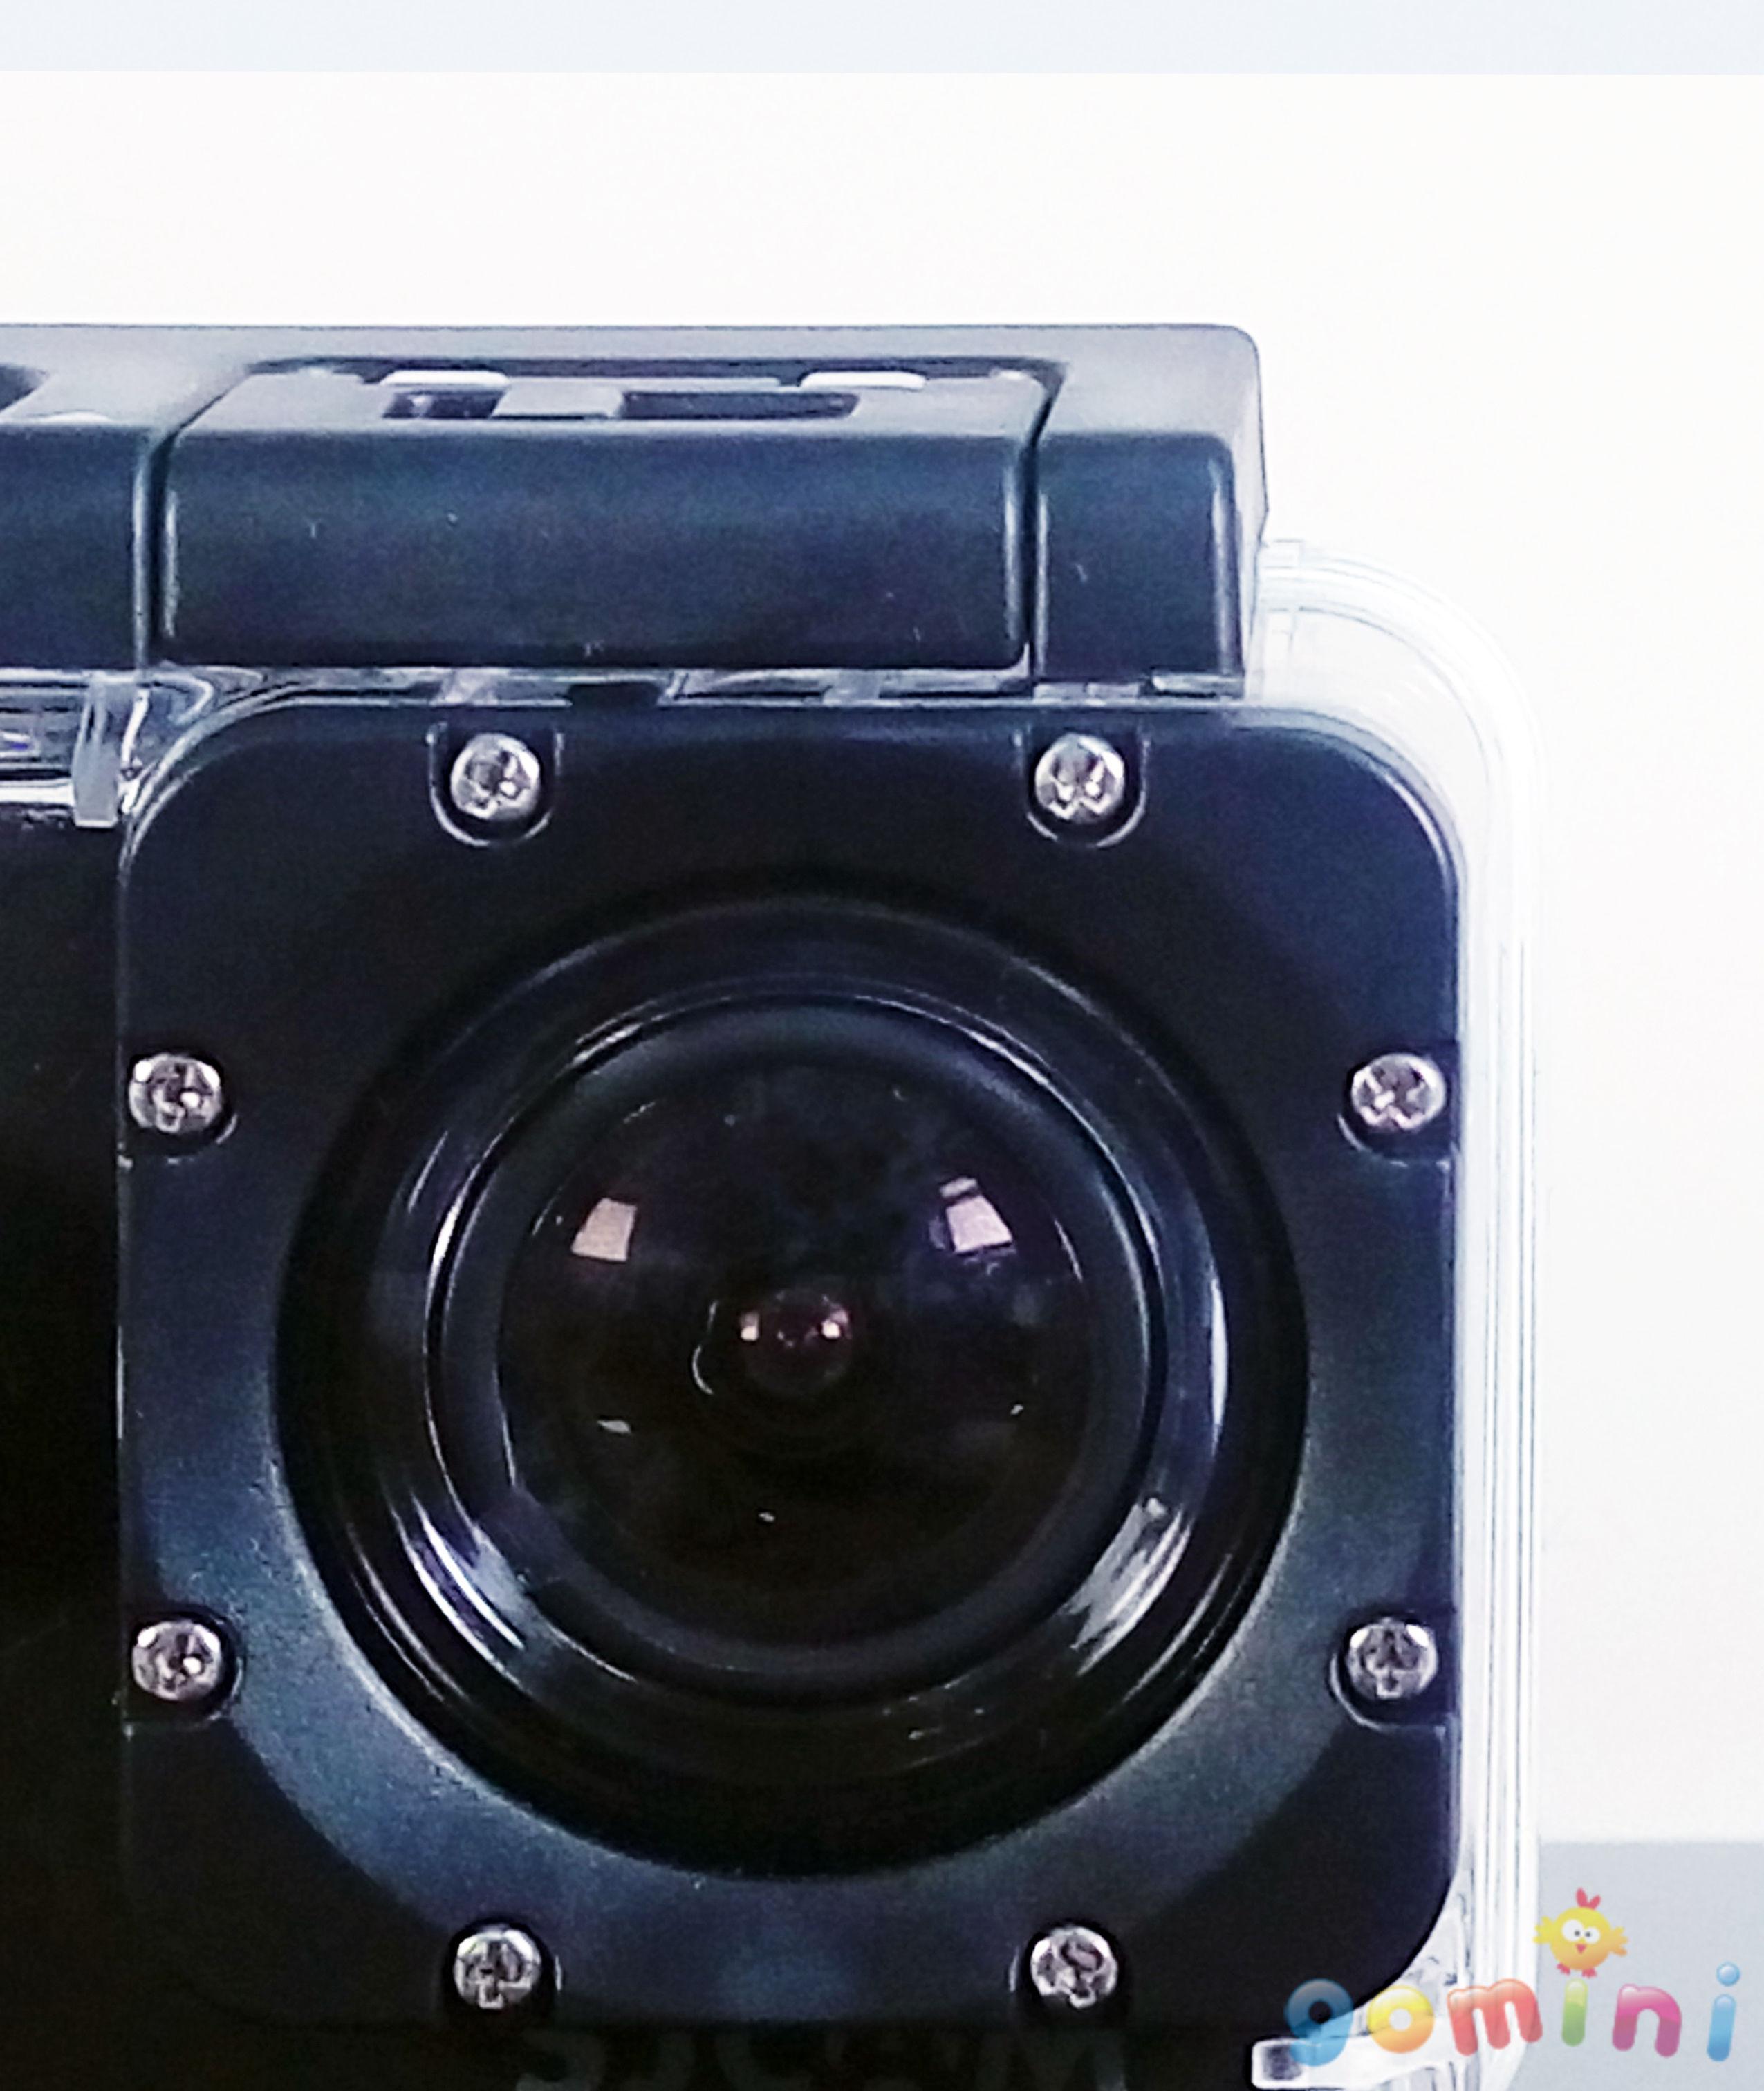 防水殼鏡頭近拍.jpg